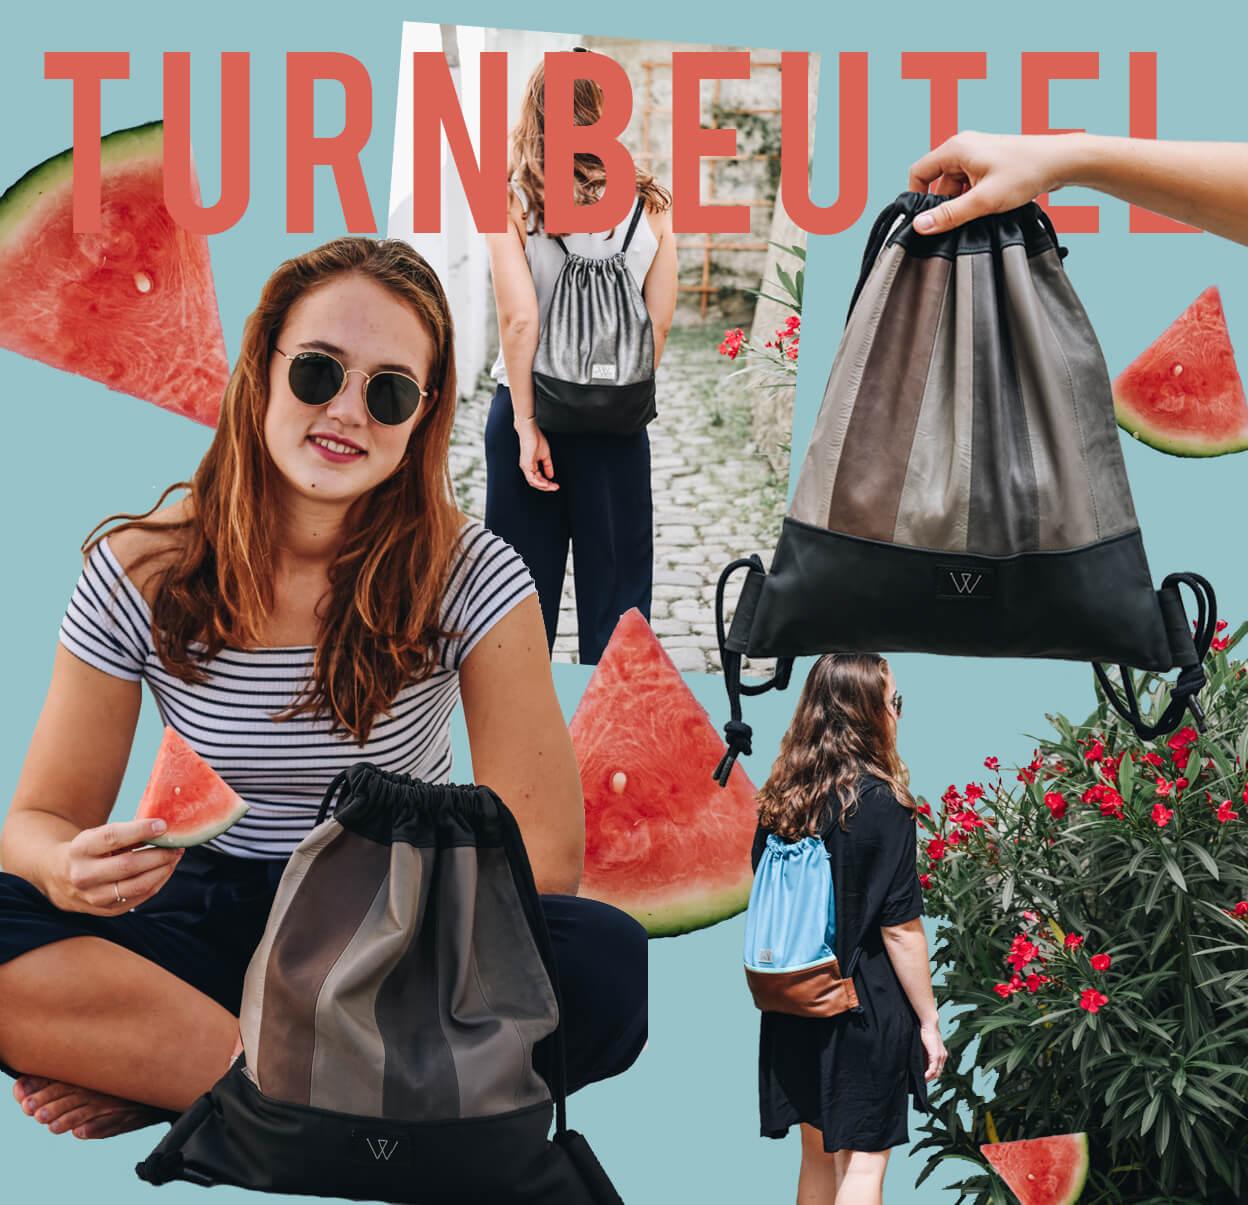 Hipster Turnbeutel   Bunt   Wunschleder   Tasche   Made in Germany   Leder